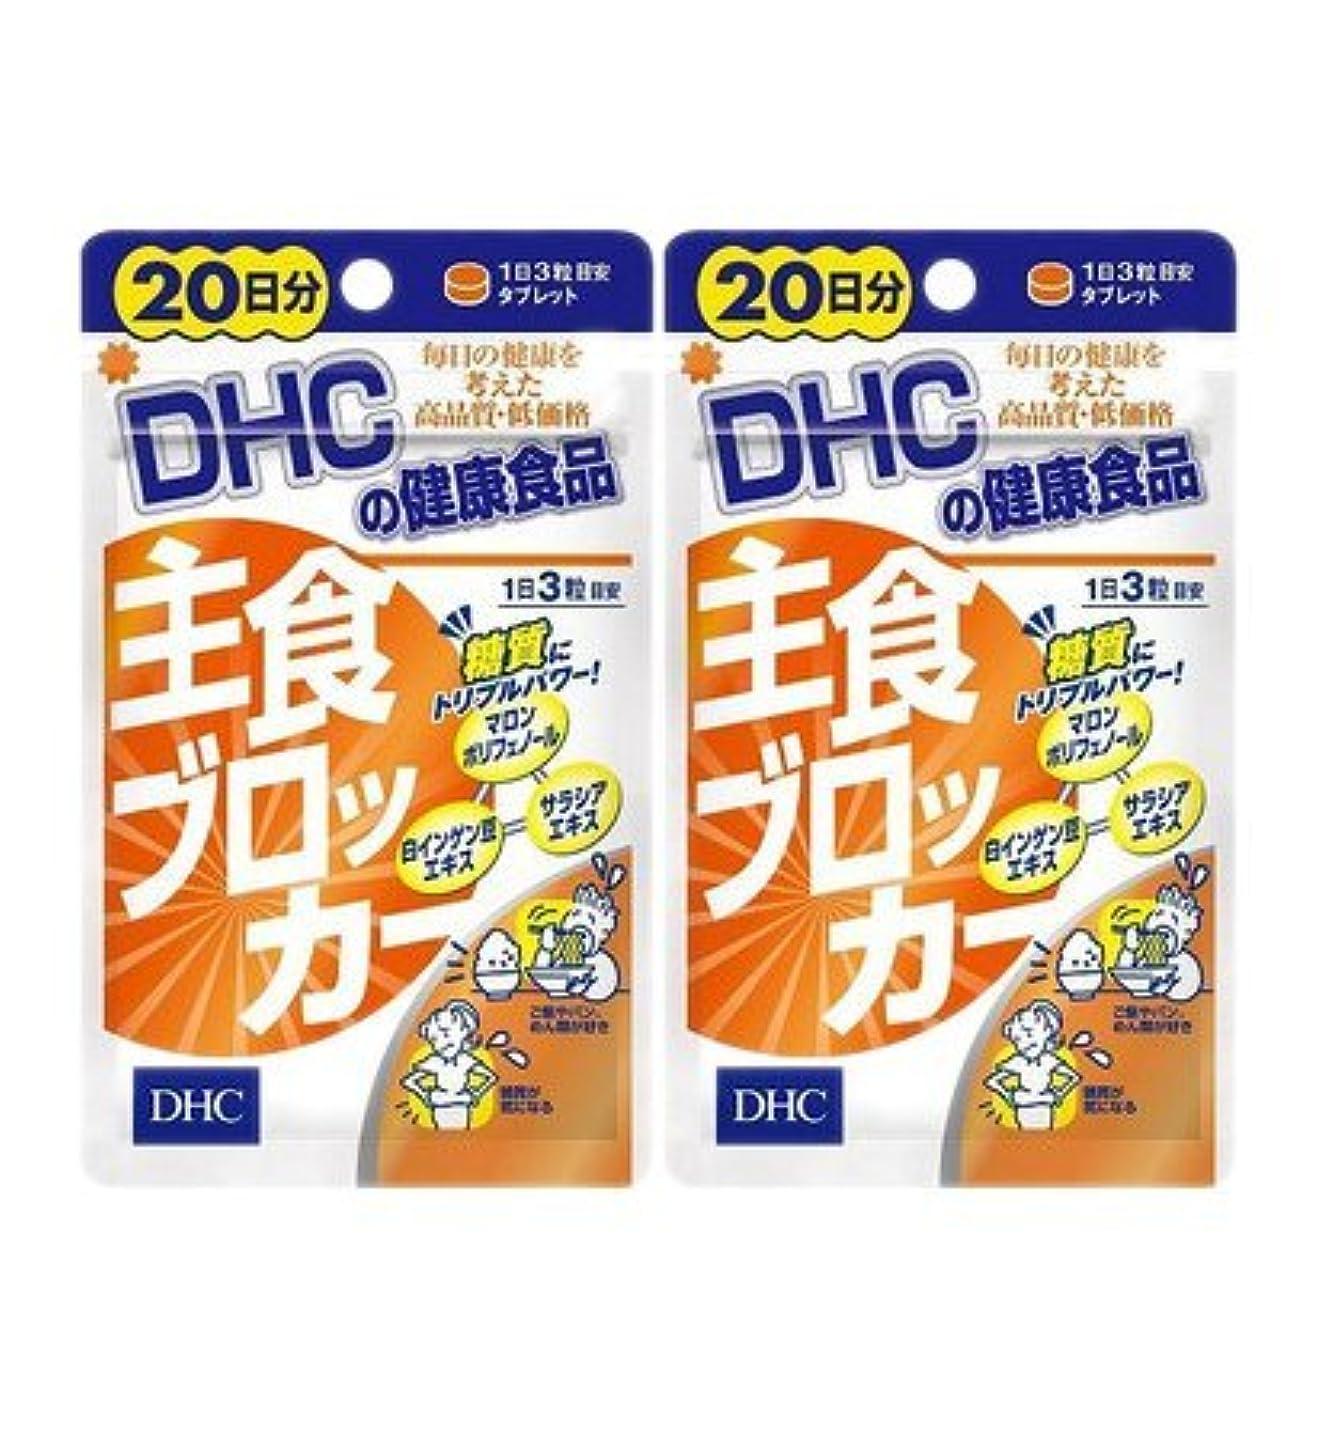 祝福封筒共和党【2個セット】DHC 主食ブロッカー 20日分 60粒入